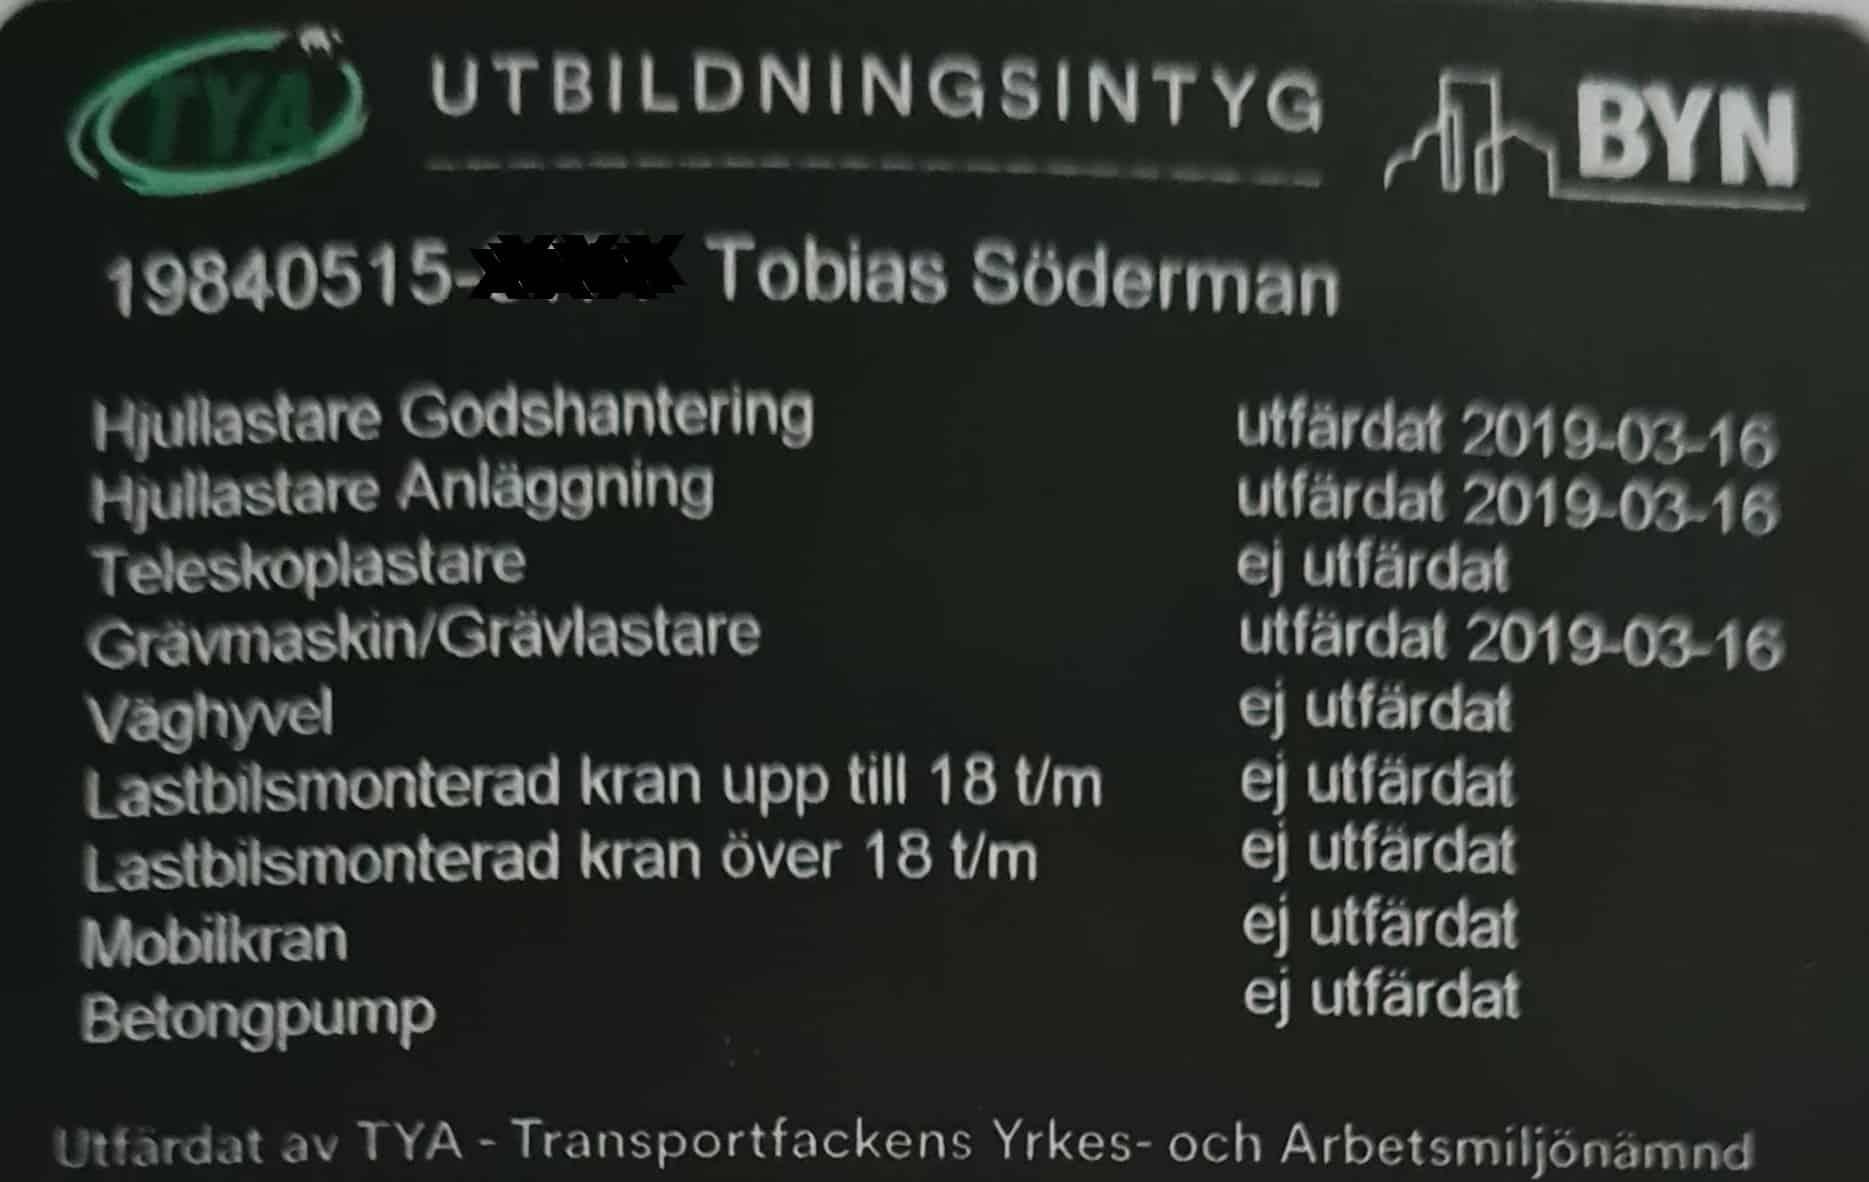 """Referensjobb """"Utbildningsintyg"""" utfört av Söderfalks Mark och Anläggning AB"""